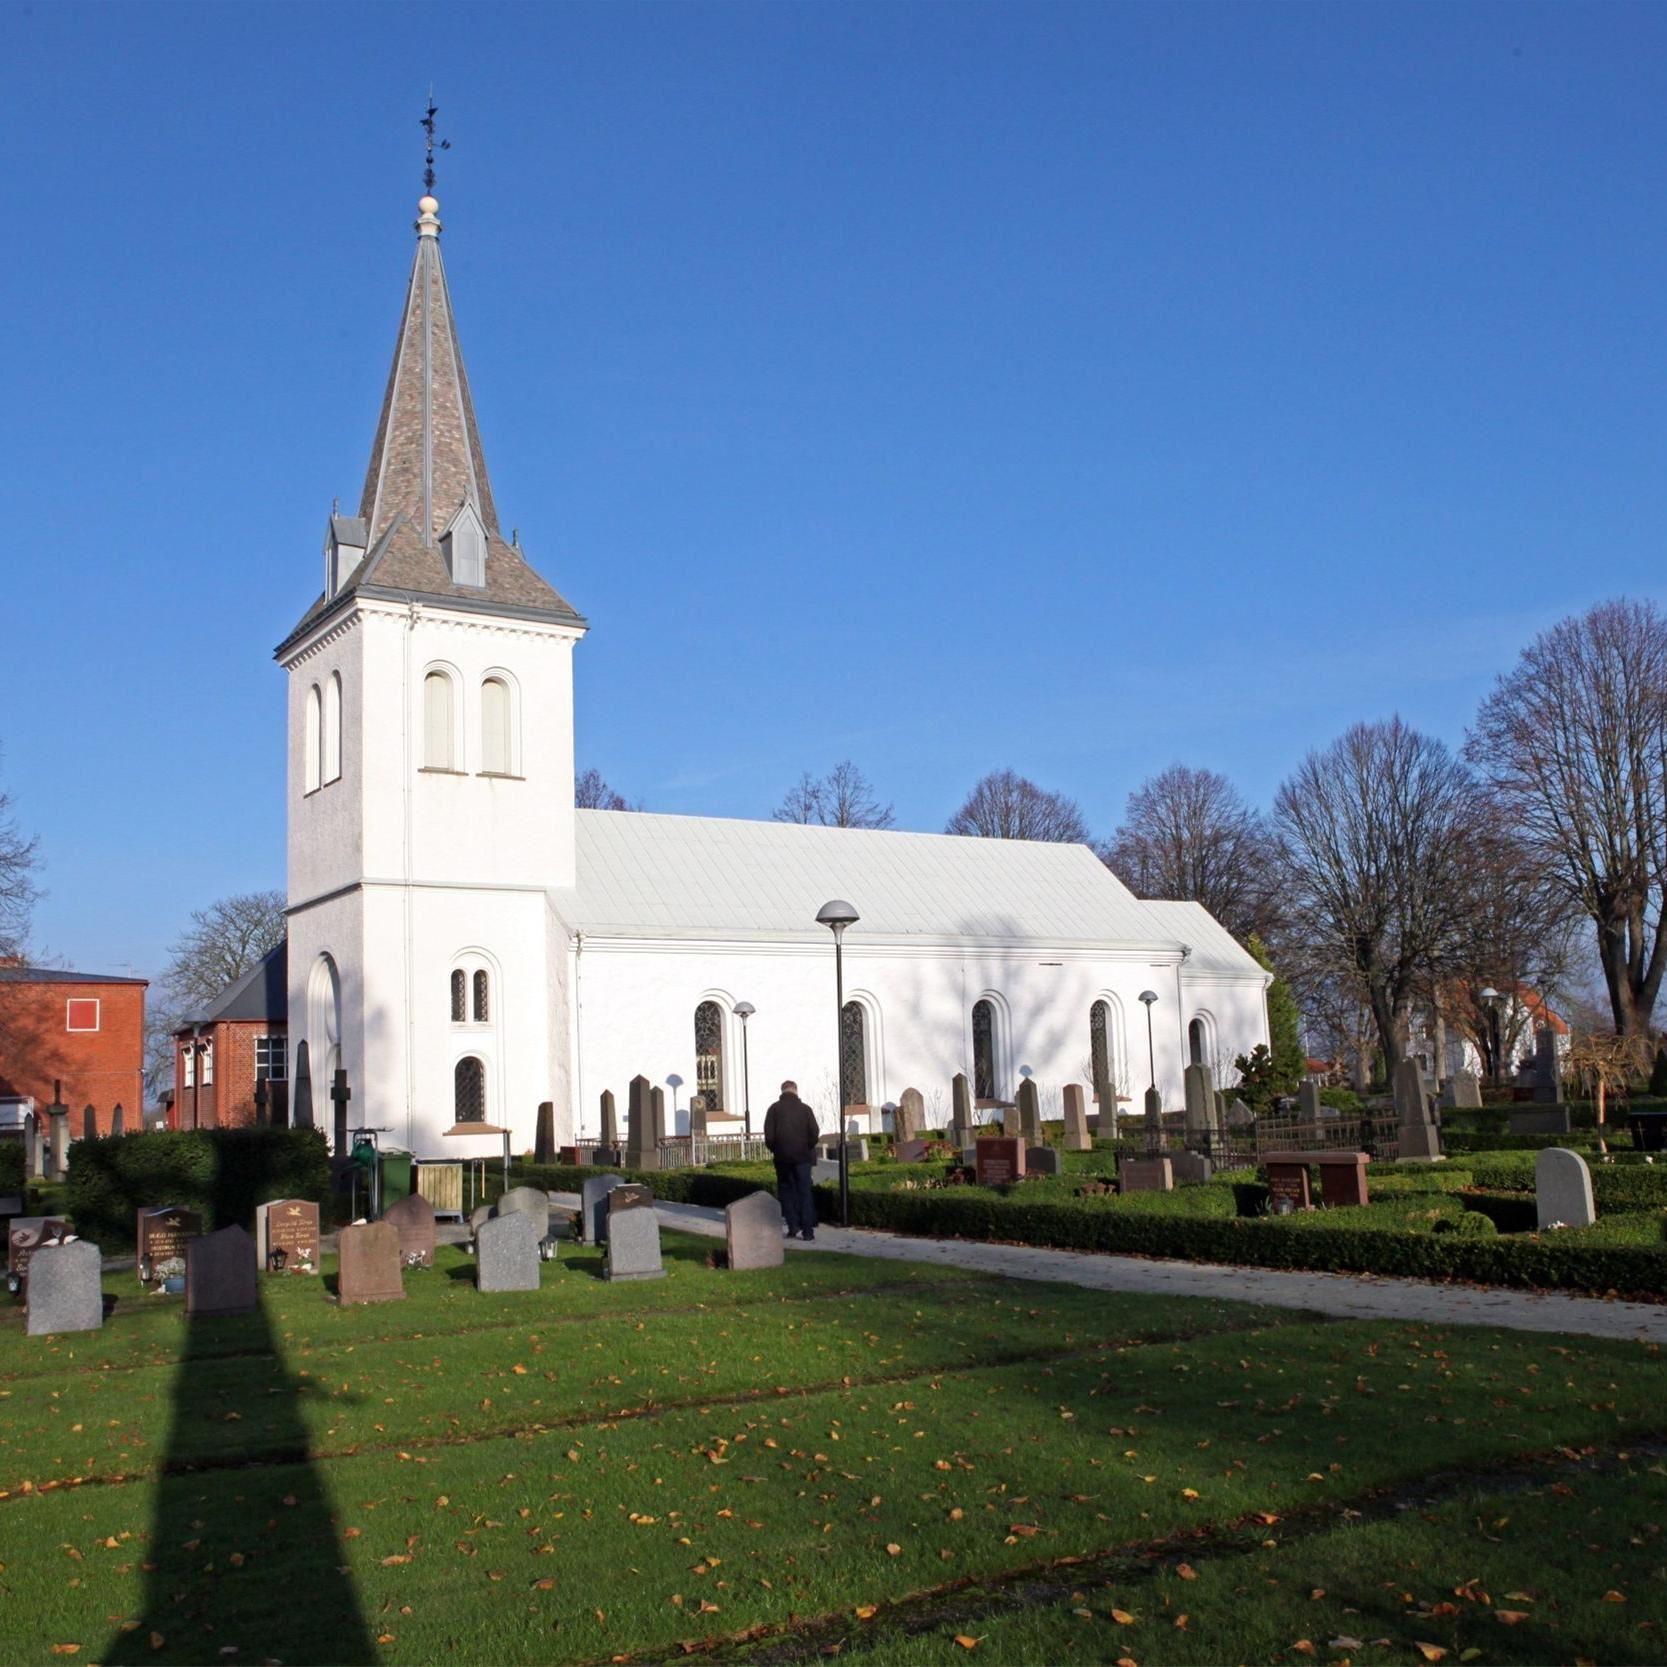 © Kävlinge kommun, Lackalänga kyrka